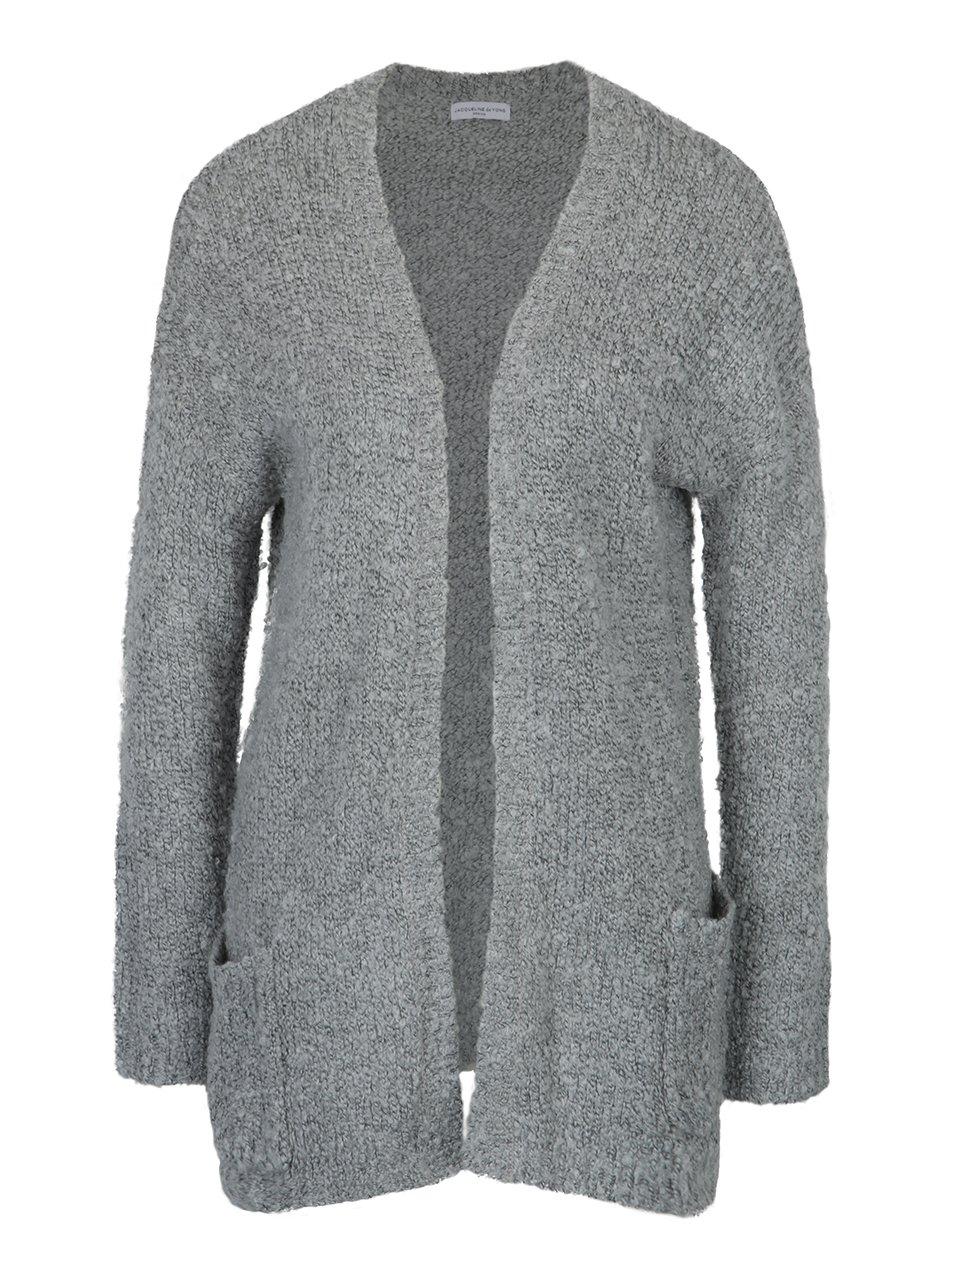 Světle šedý cardigan s kapsami Jacqueline de Yong Rio